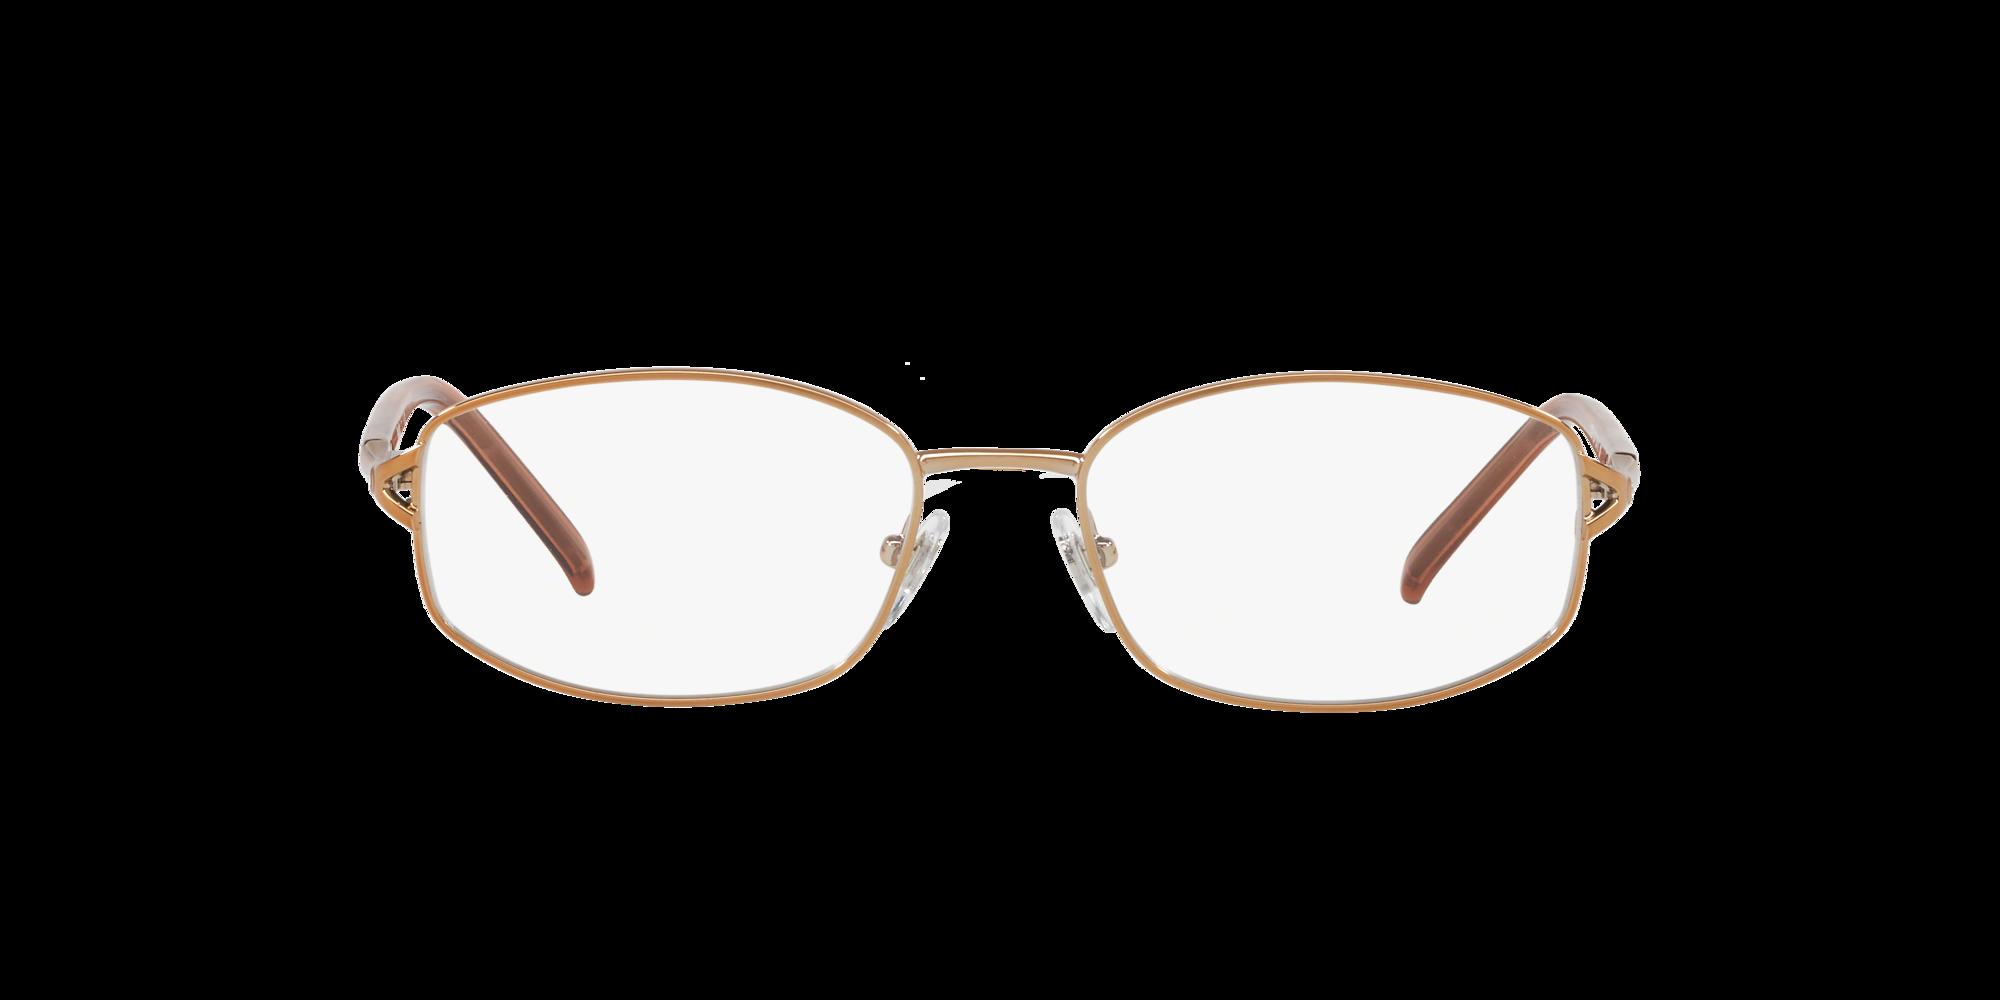 Imagen para SF2592B de LensCrafters |  Espejuelos, espejuelos graduados en línea, gafas